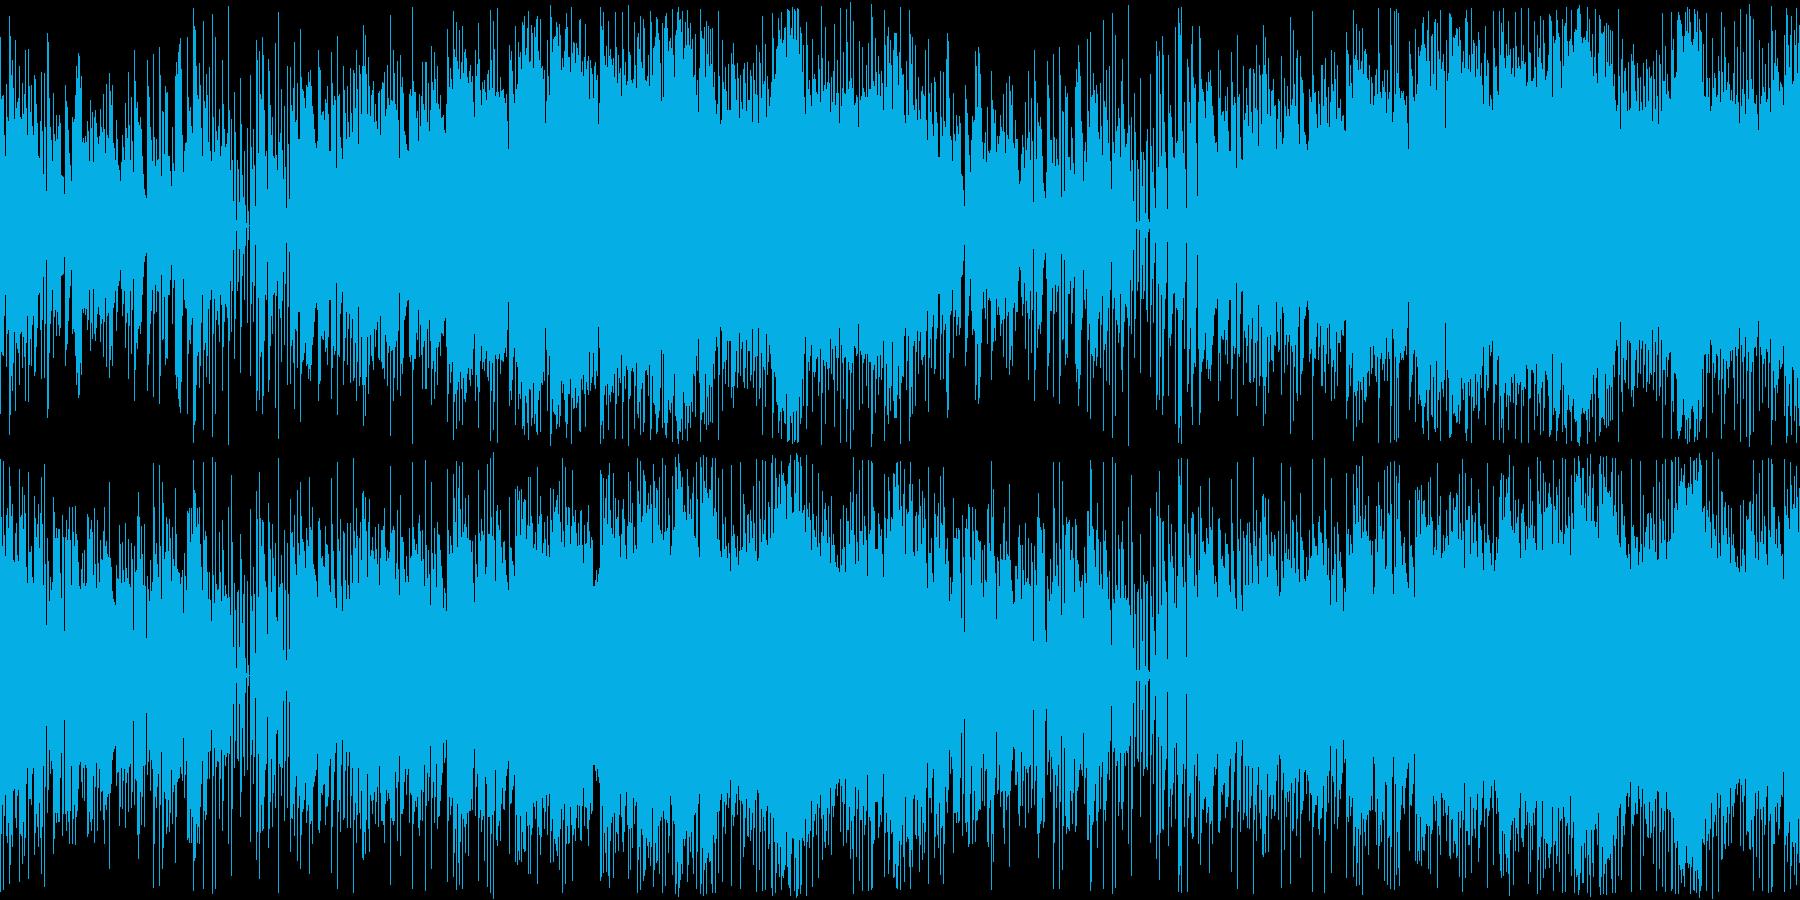 メカっぽい感じで不安なムードの楽曲の再生済みの波形